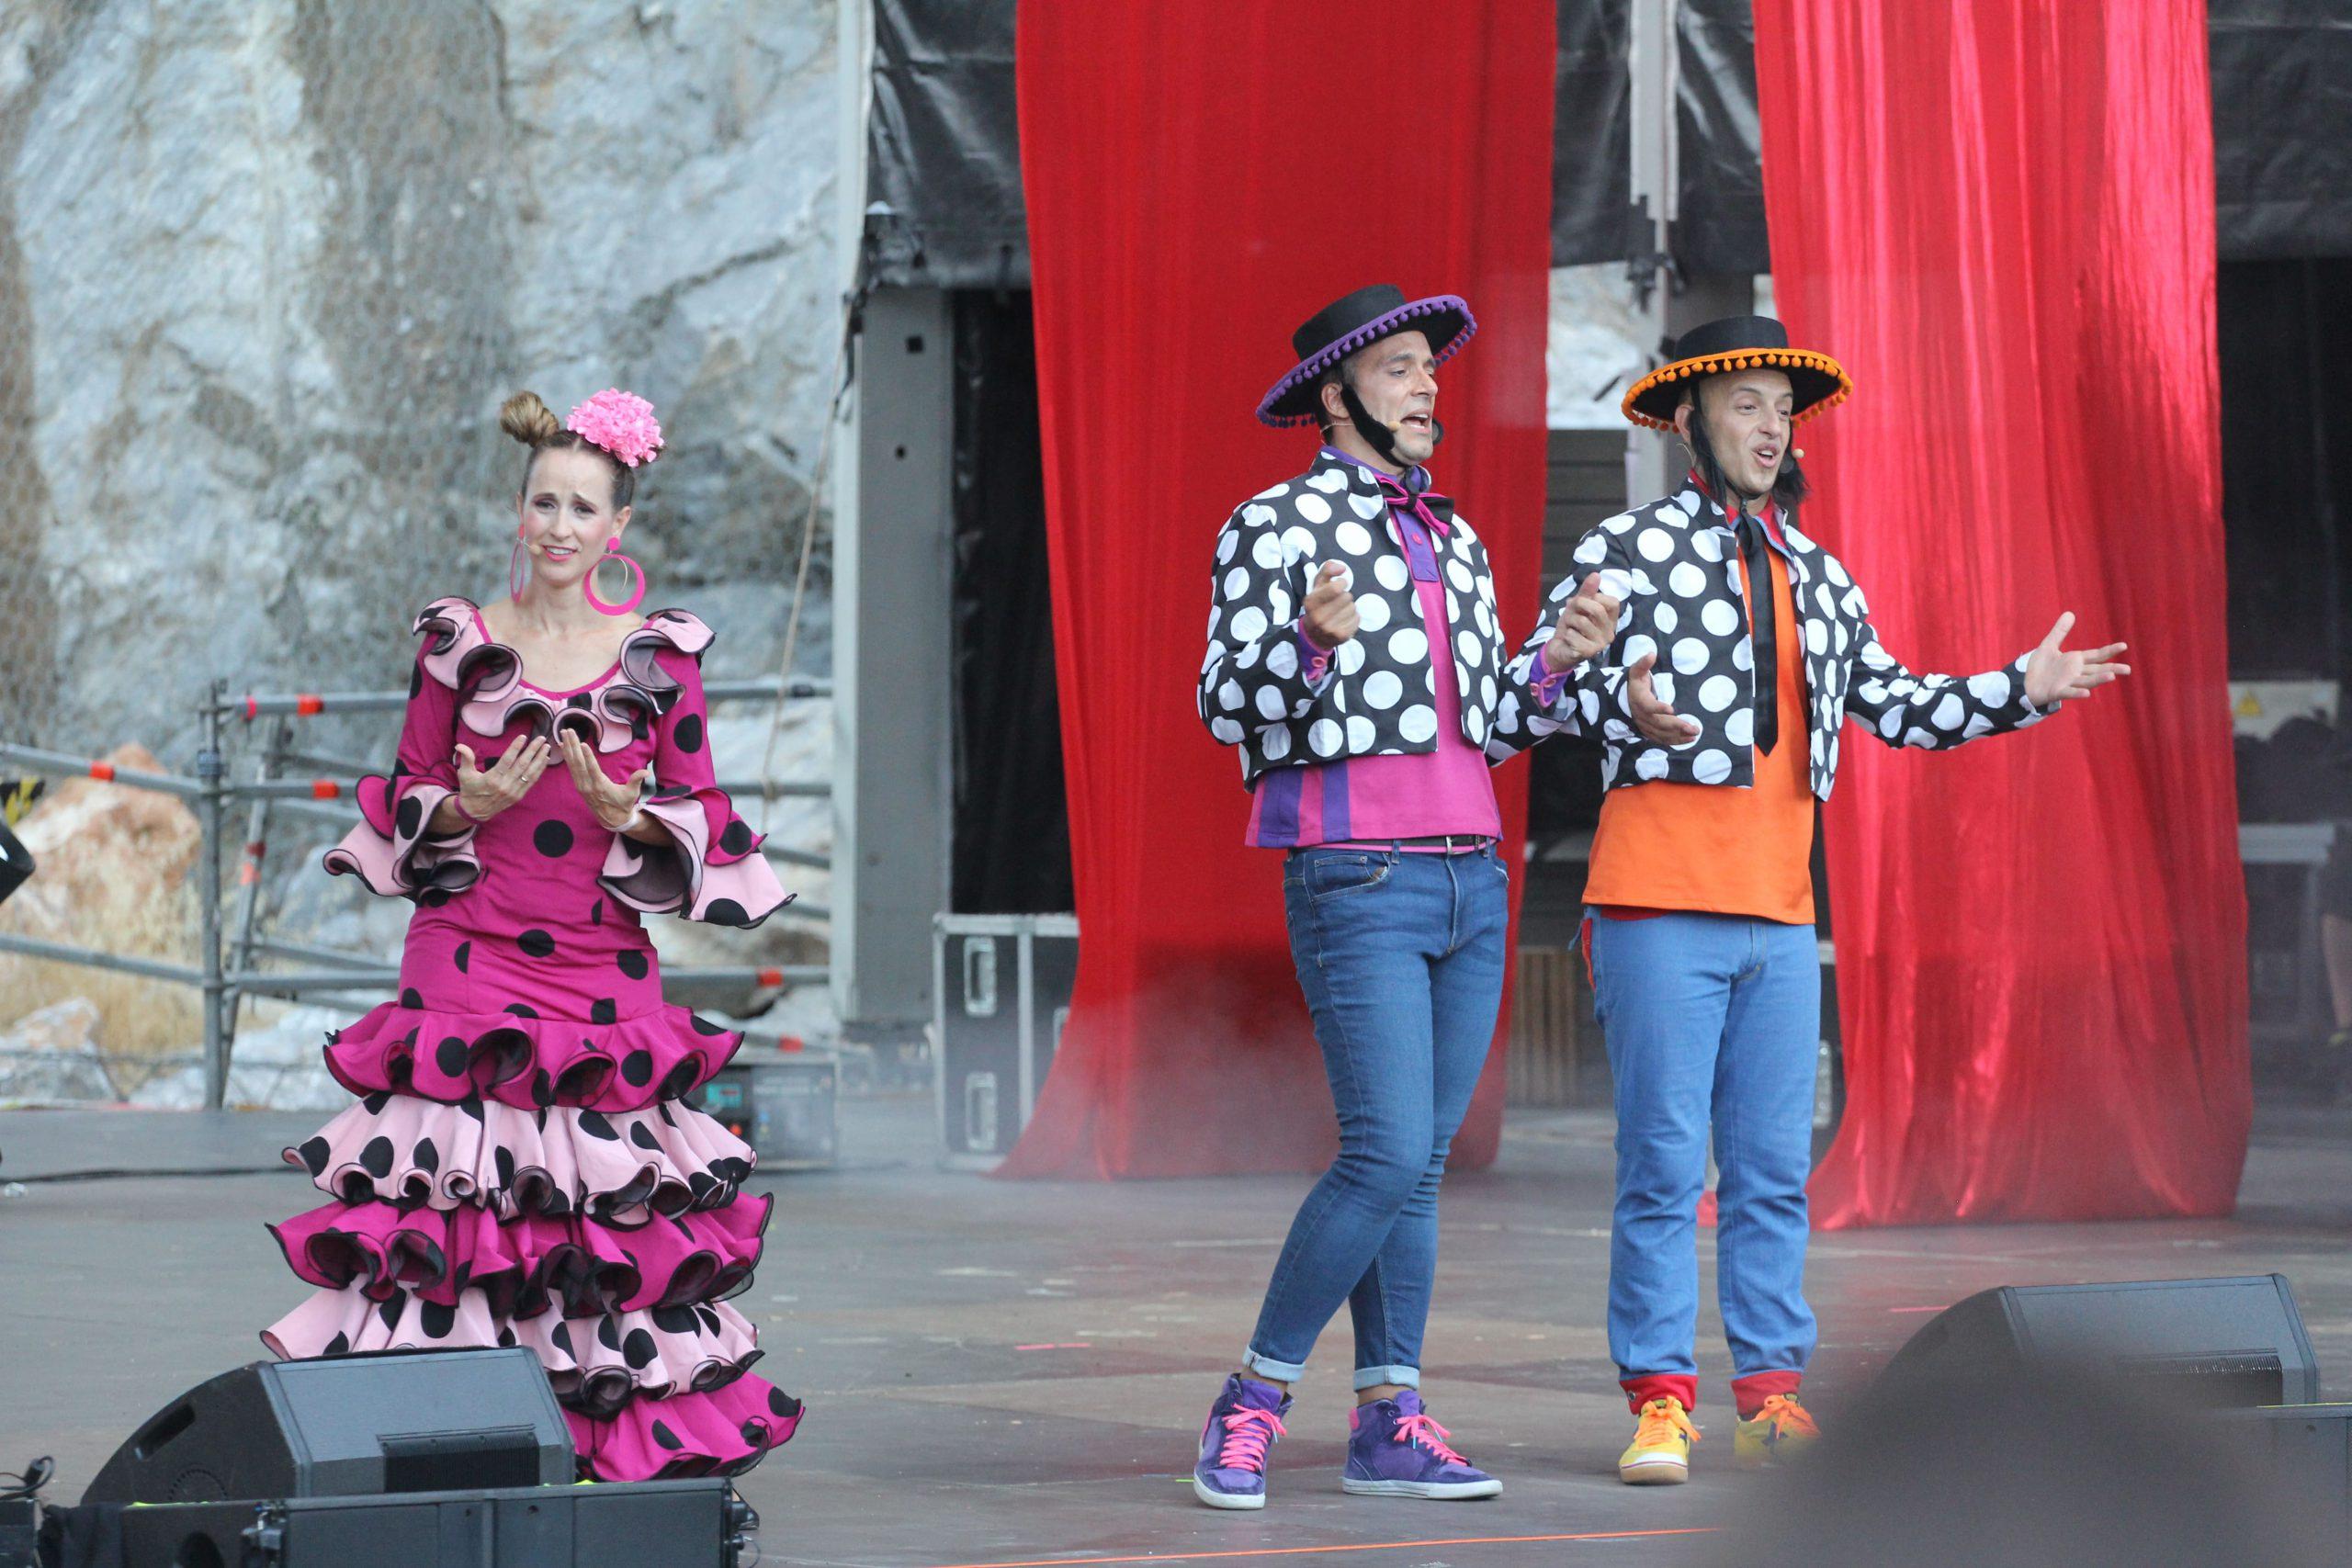 El grupo infantil Pica Pica encandila en Starlite Catalana Occidente a grandes y pequeños